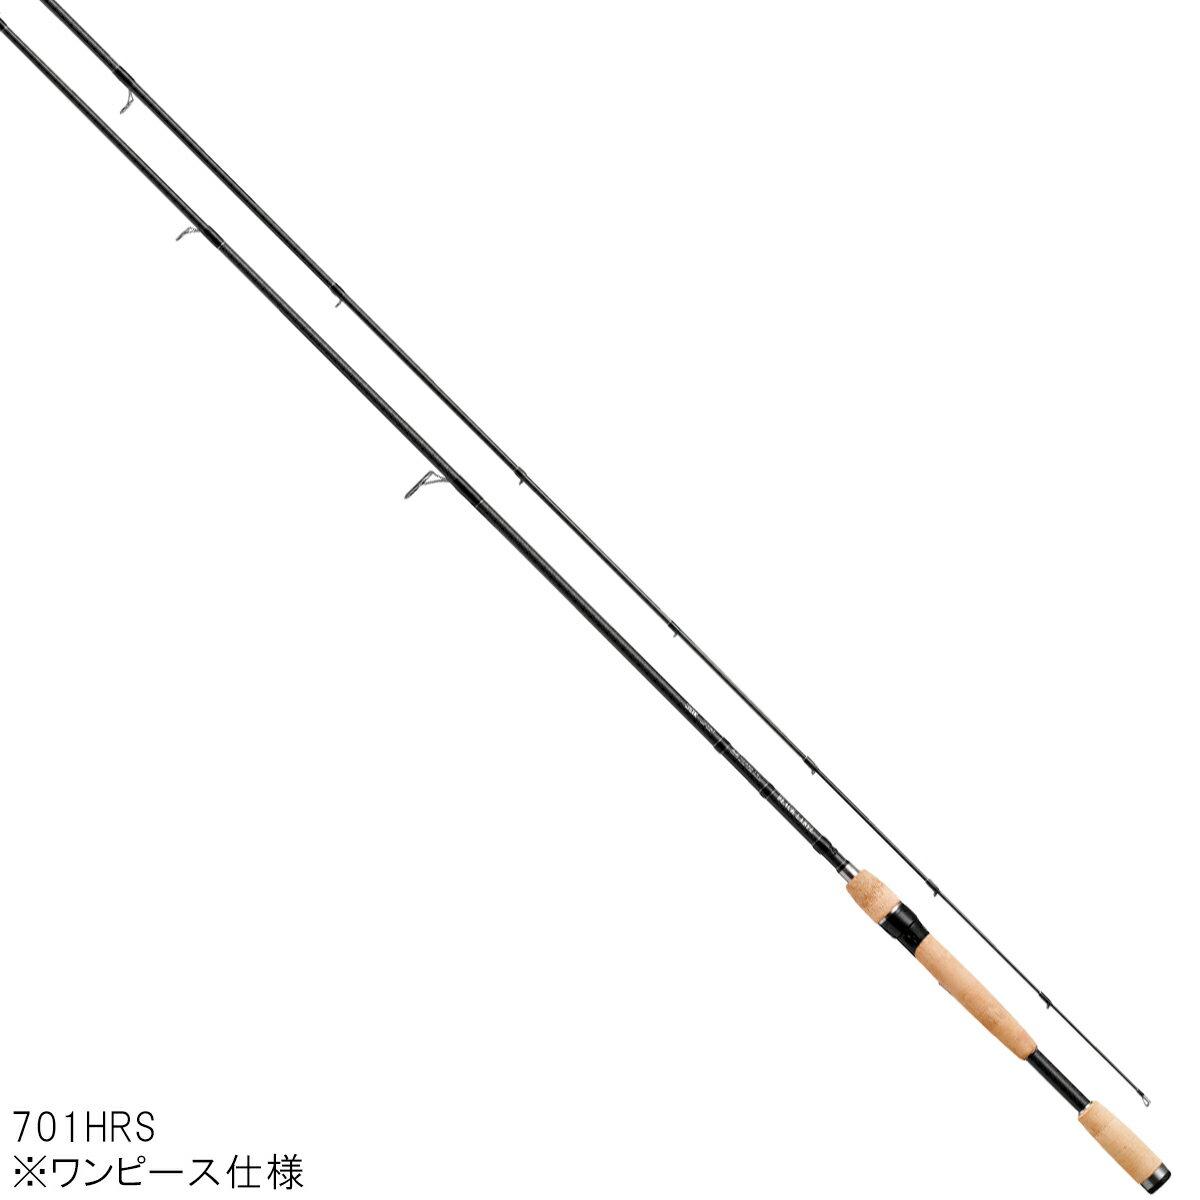 ダイワ ブラックレーベル+ スピニングモデル 701HRS【大型商品】